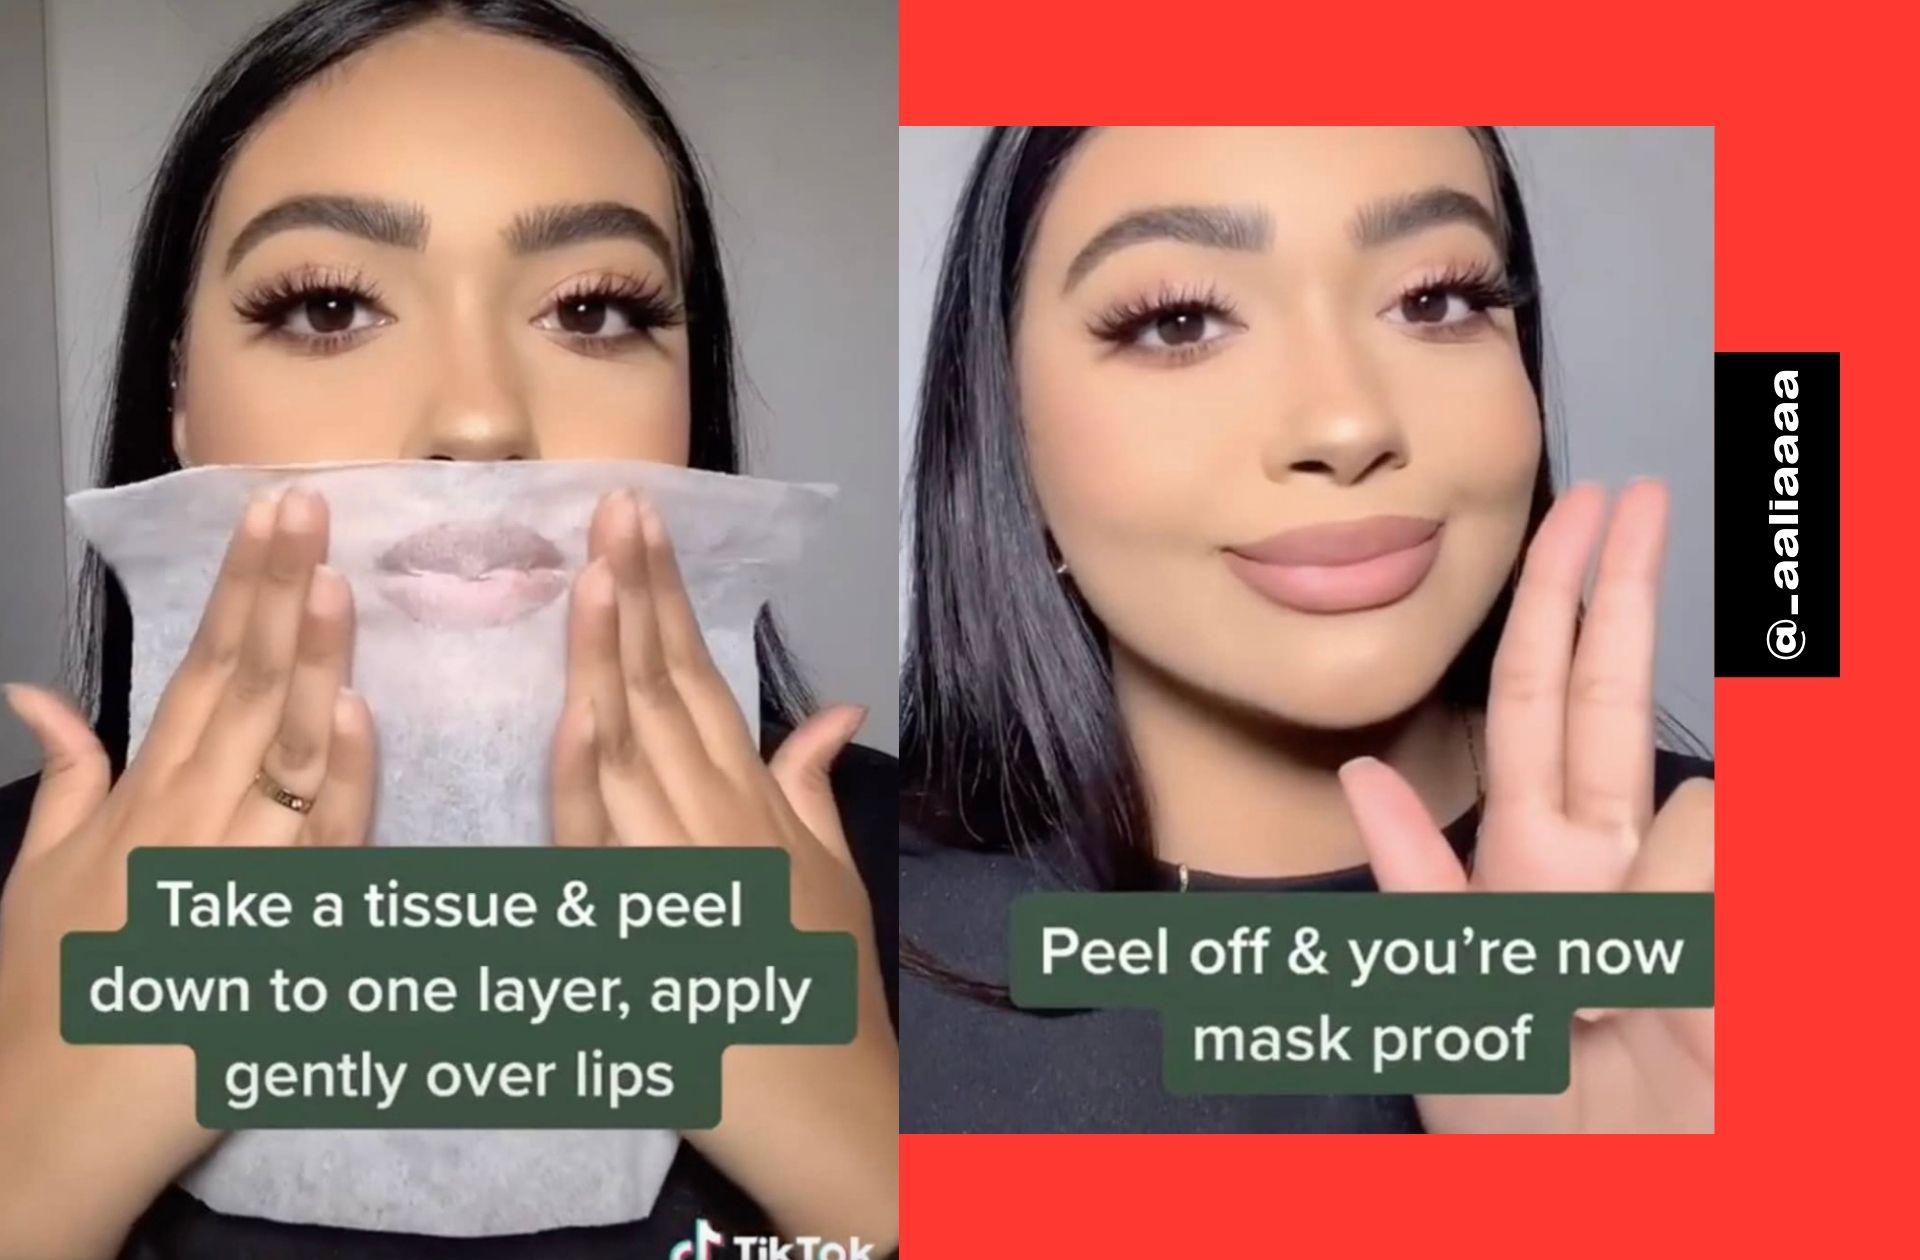 On arrive enfin à faire tenir notre rouge à lèvres sous notre masque grâce à cette astuce toute simple